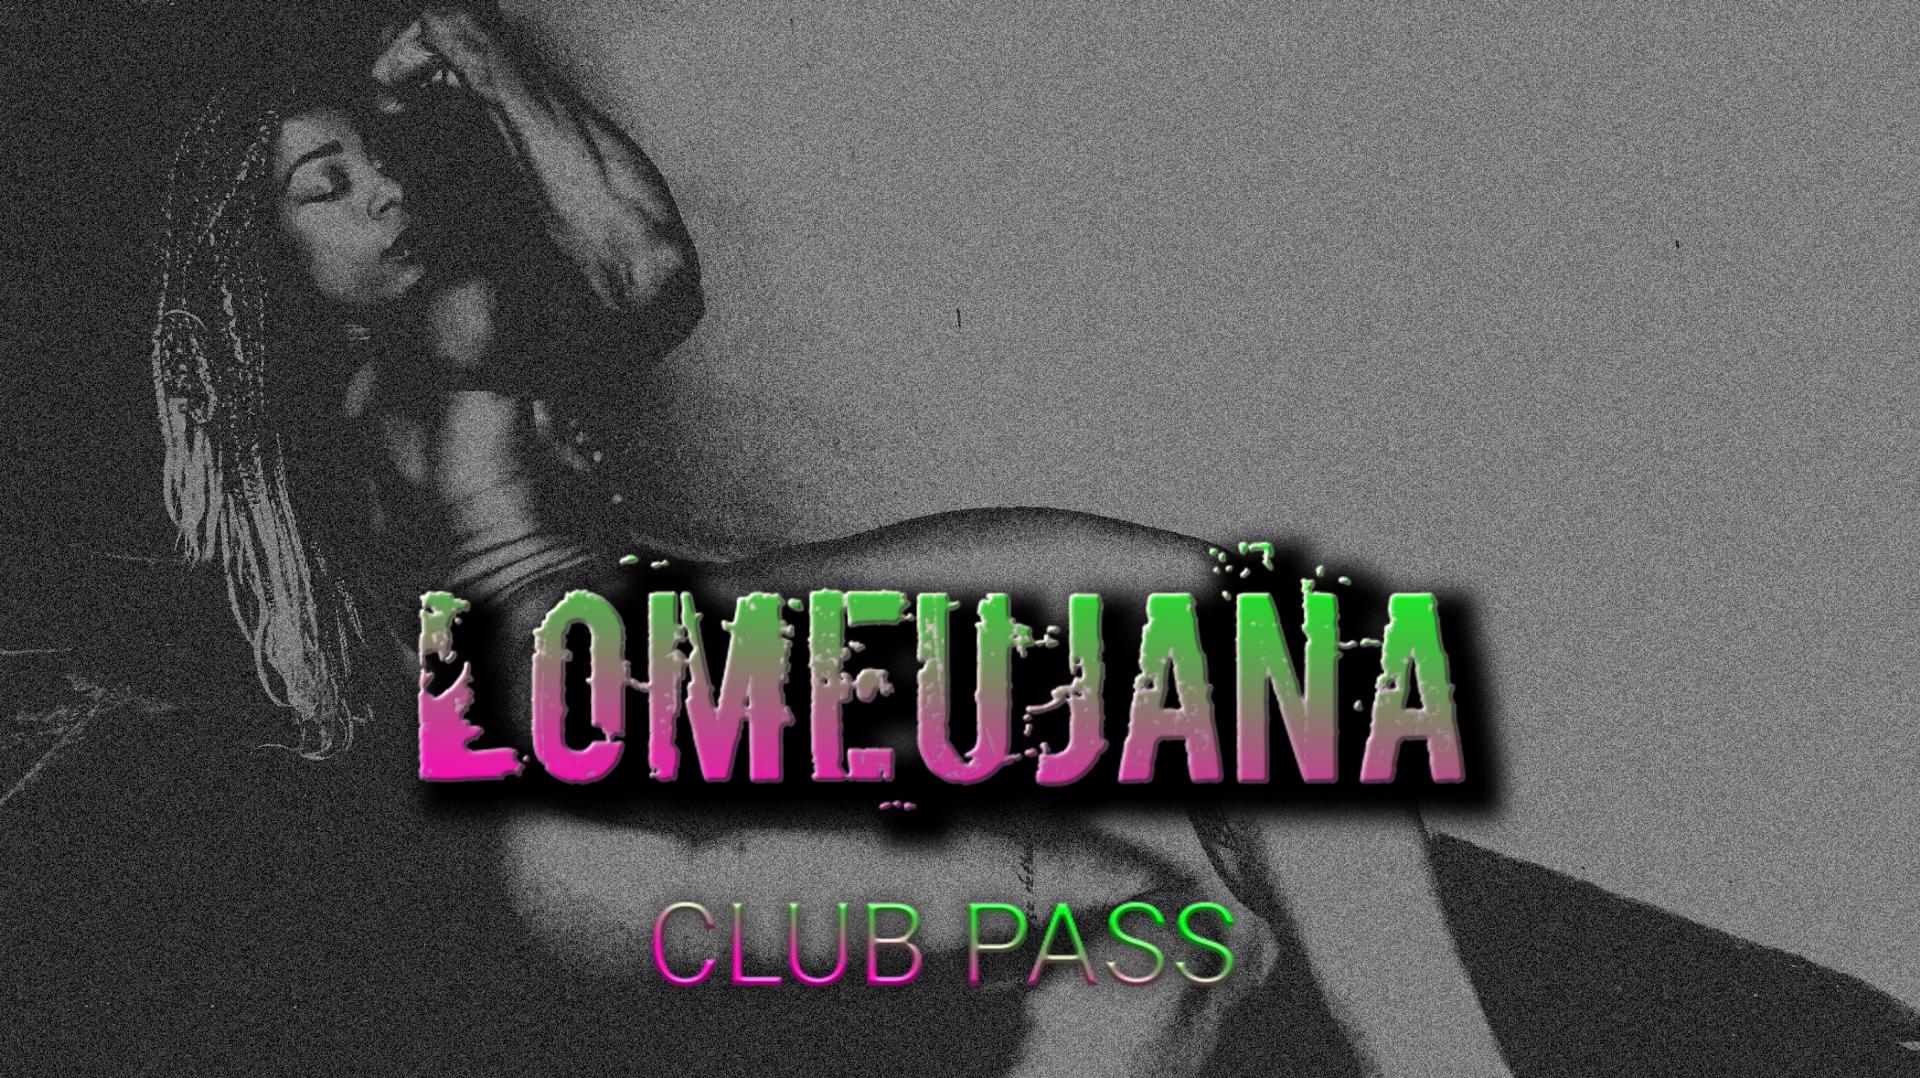 Lomeujana Club Pass